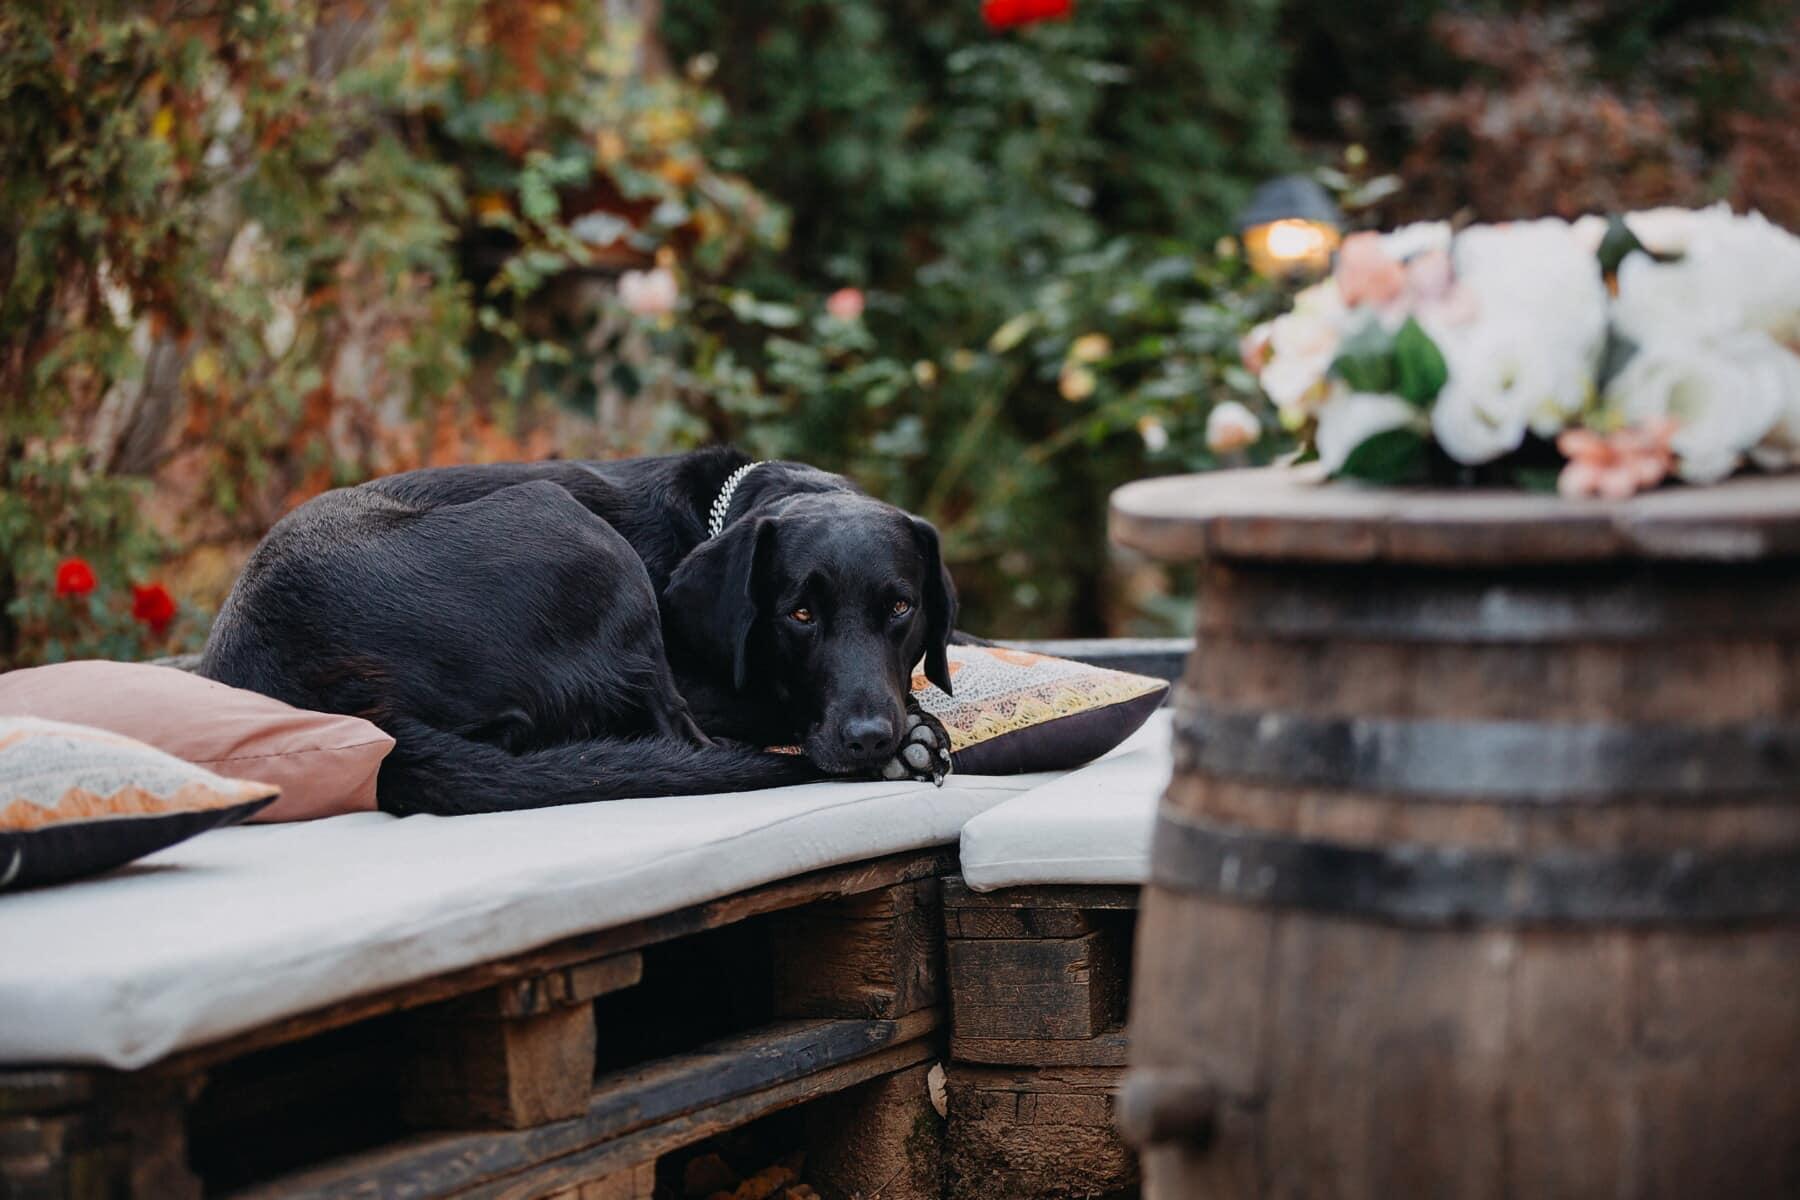 hunden, svart, legging, fat, benken, tre, jakthund, hjørnetann, dukke, Gjenerverve